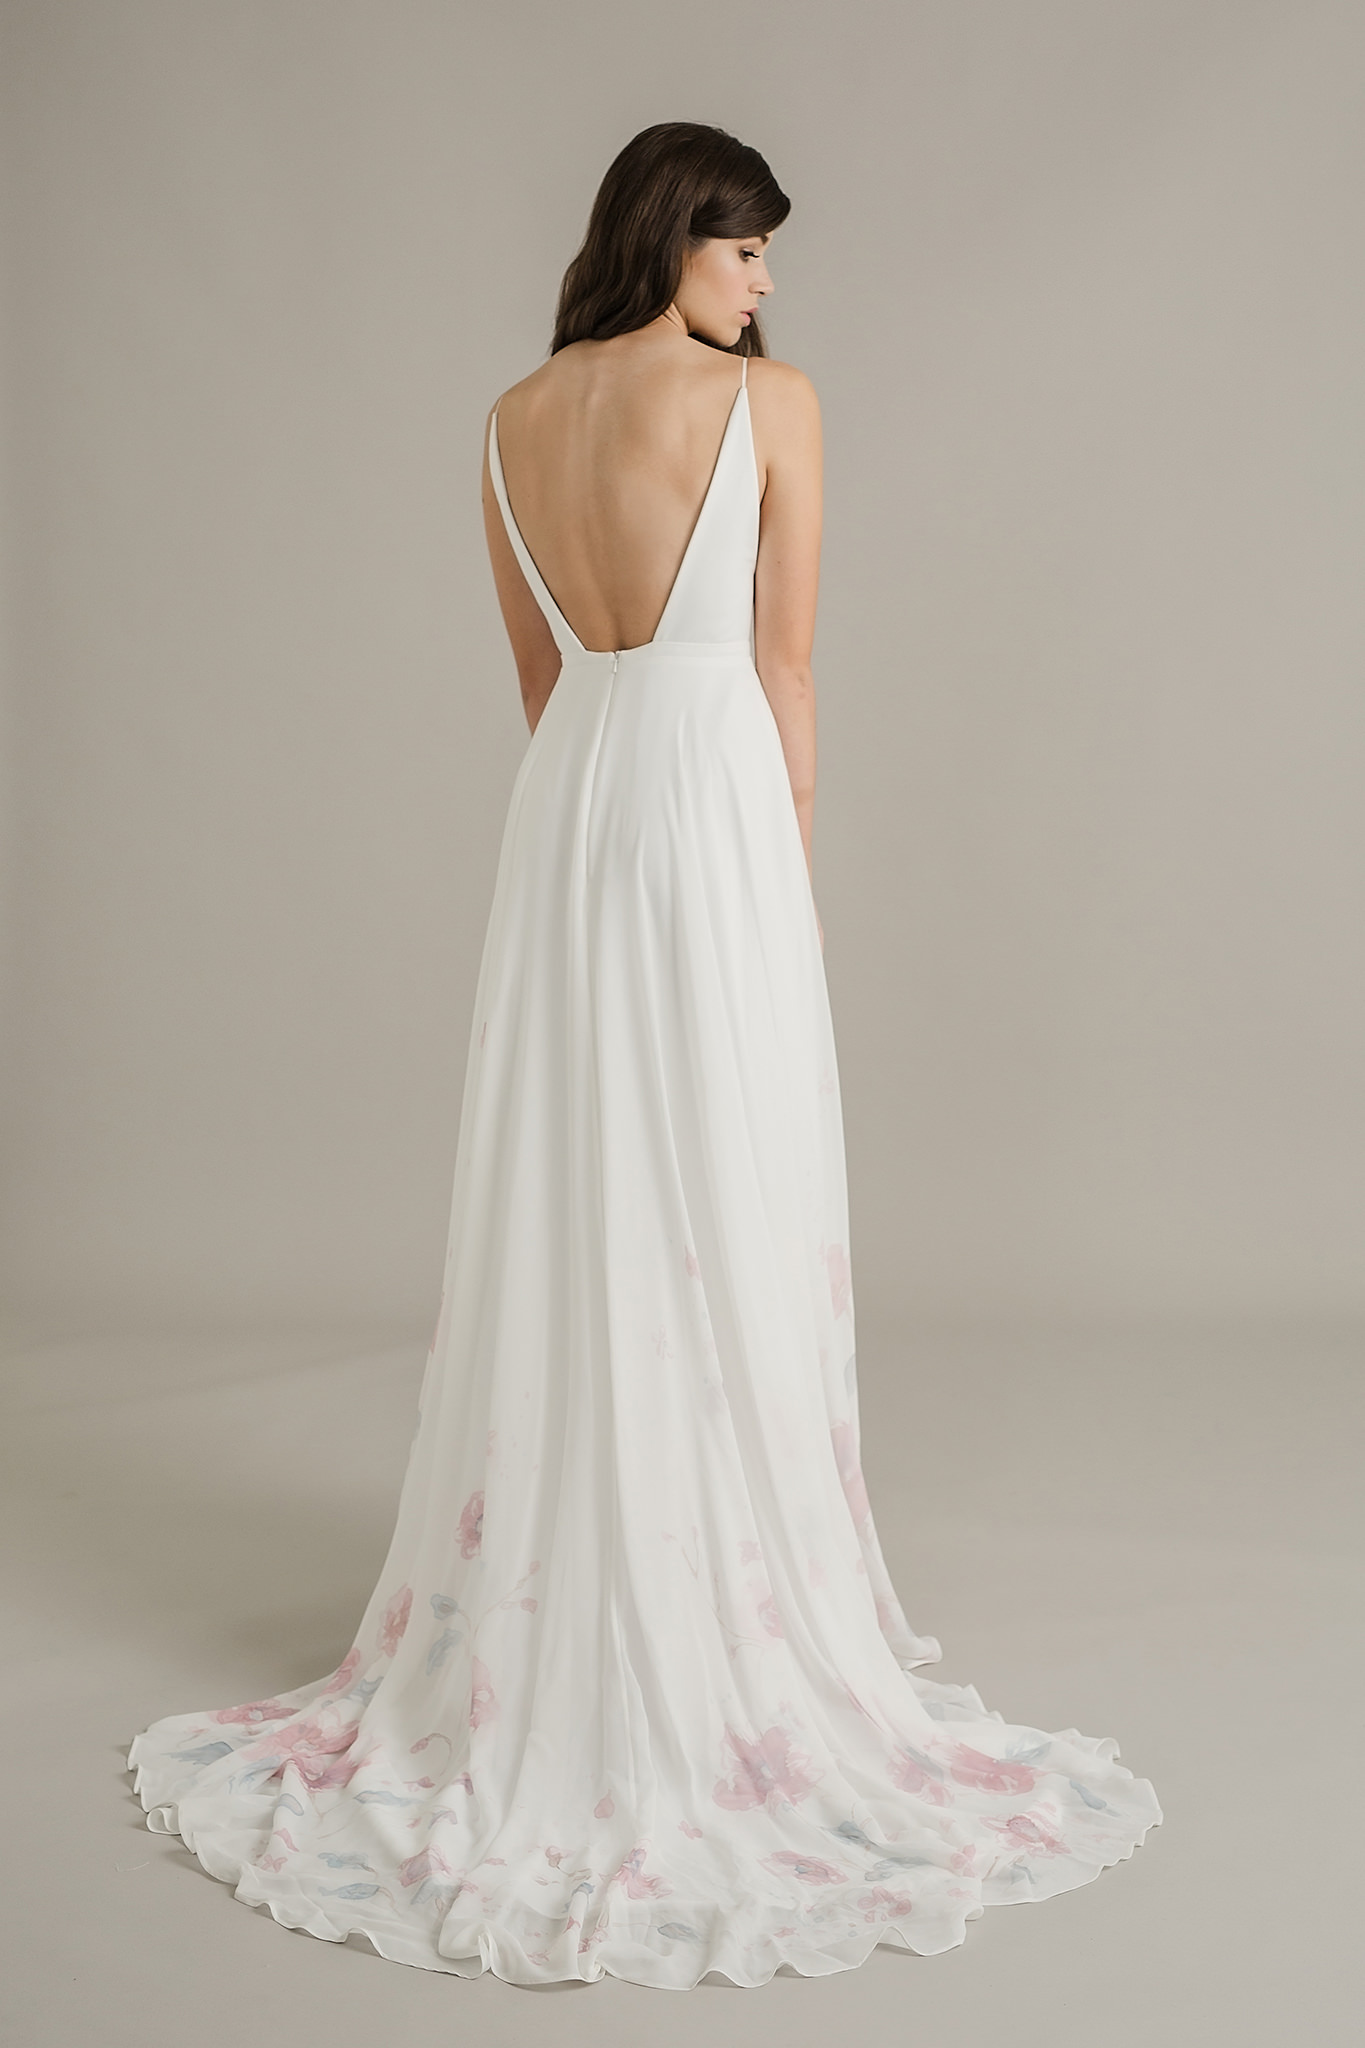 Flora wedding dress by Sally Eagle